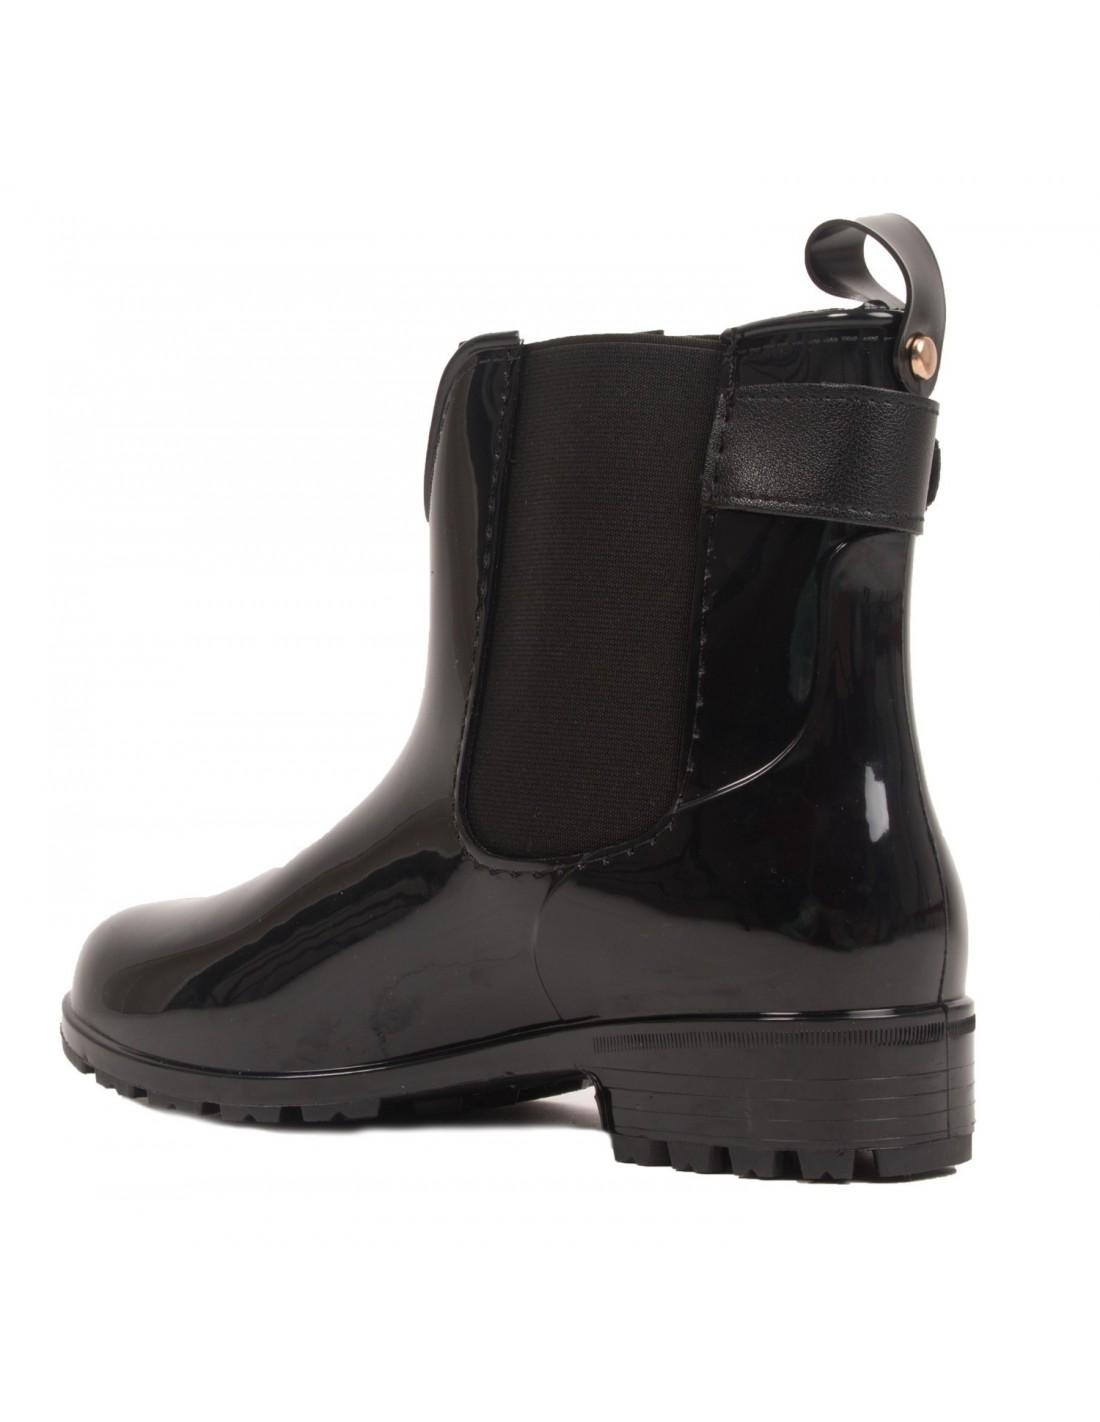 bottines caoutchouc noir pour femme type bottes de pluie. Black Bedroom Furniture Sets. Home Design Ideas